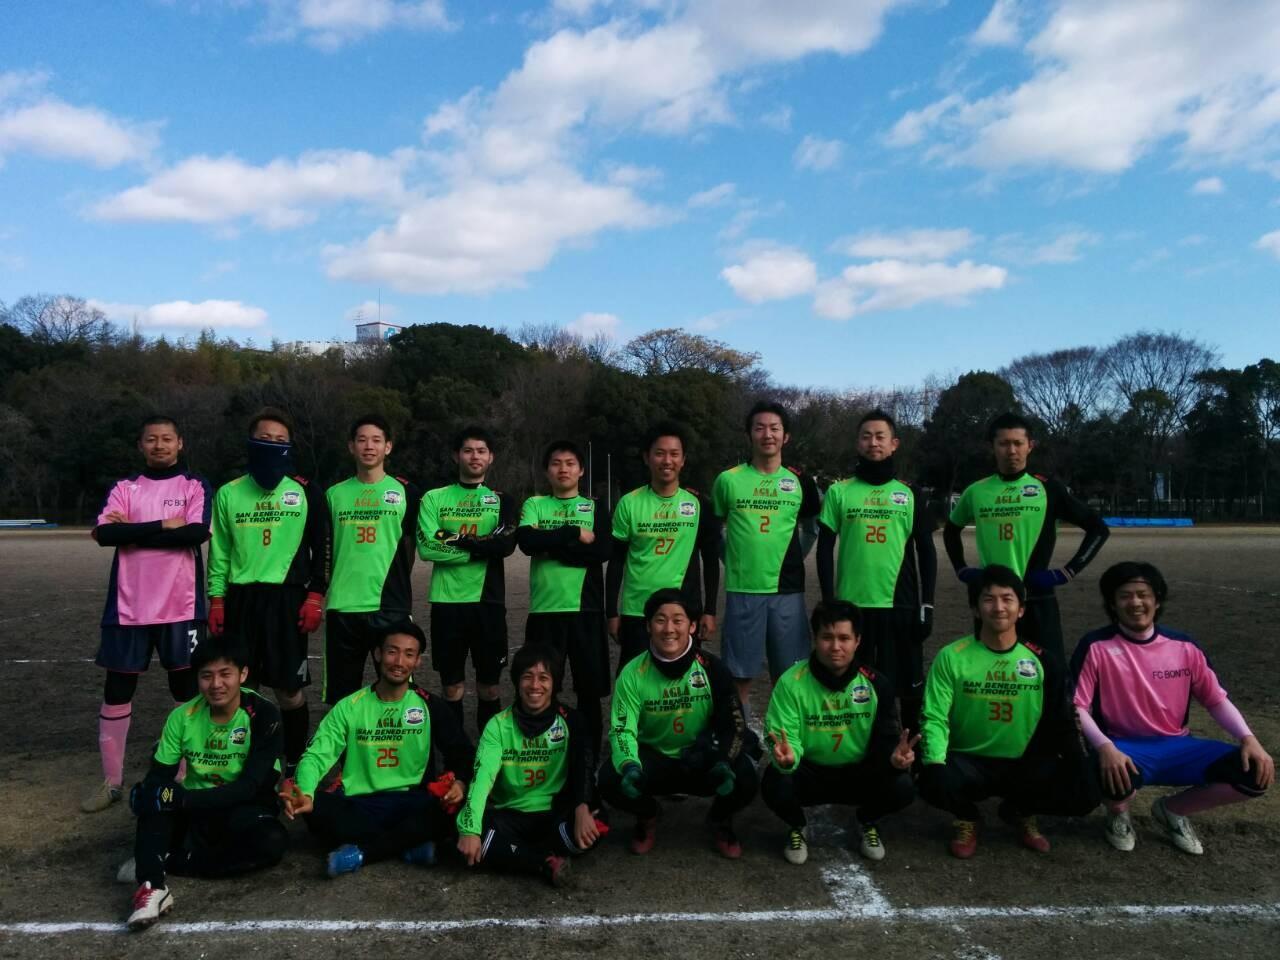 2013/12/23 寝屋川公園 vs FCボニート vs トリコFC